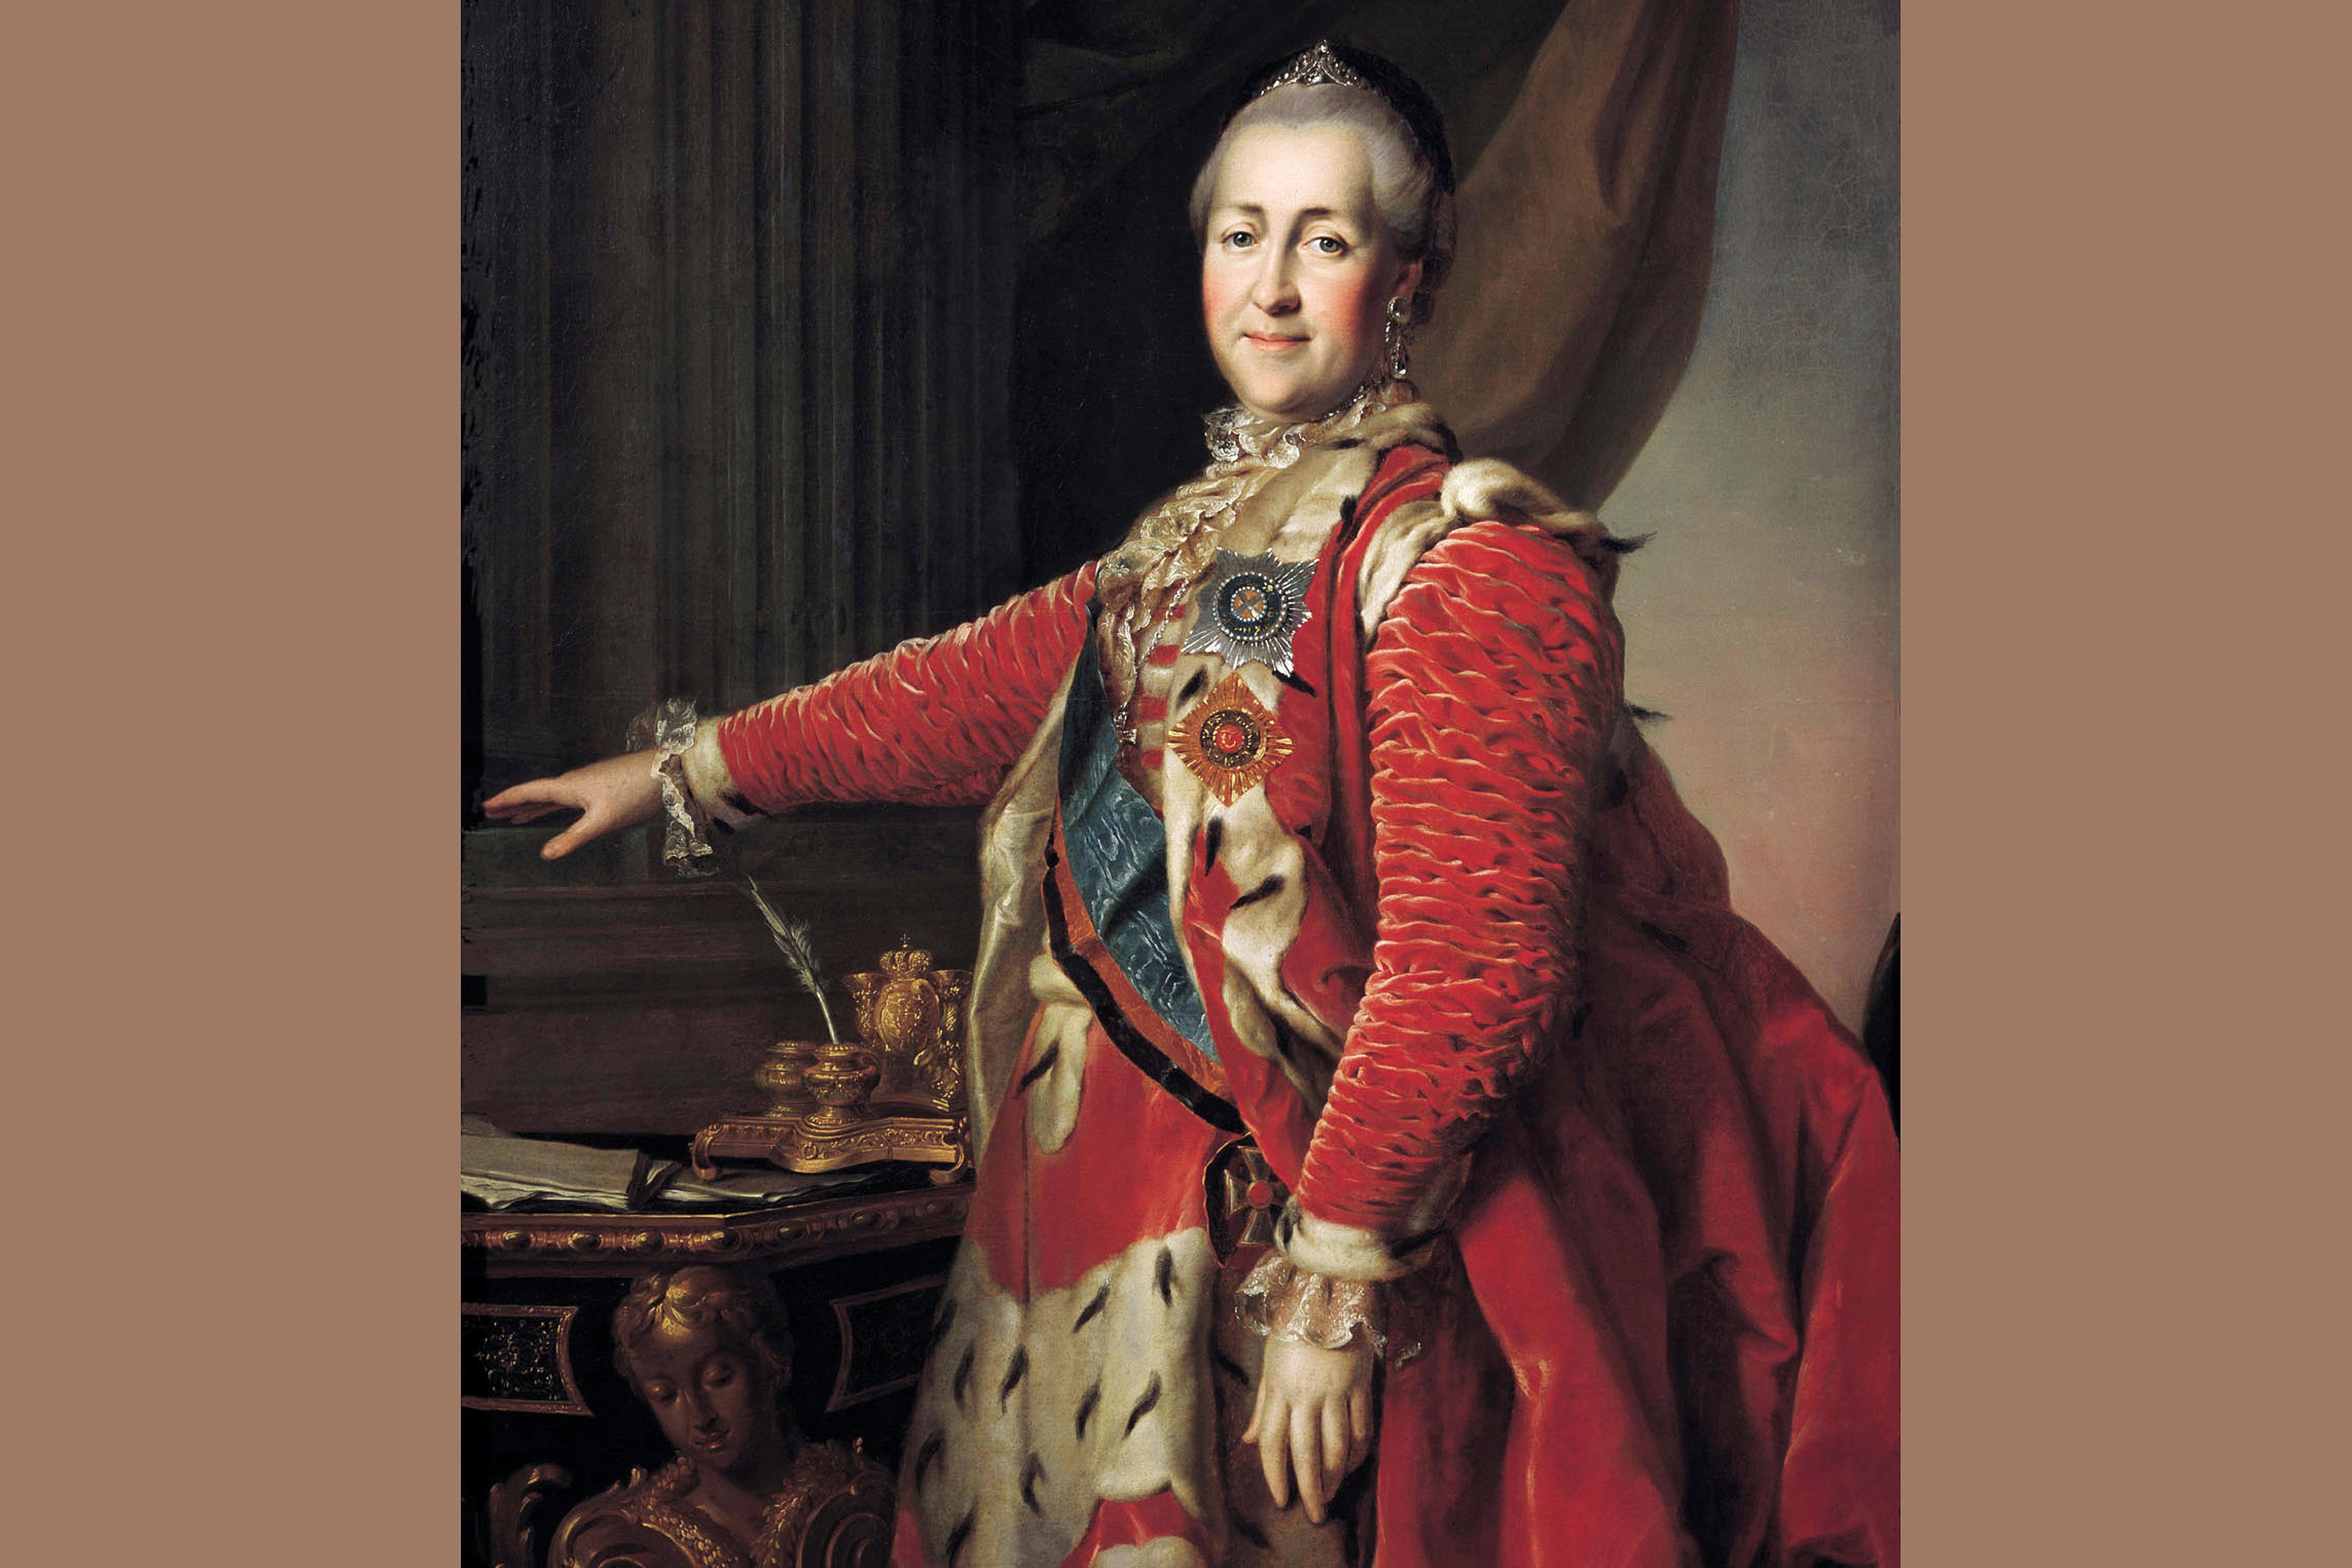 Catherine II, Empress of Russia, 1782 portrait by Dmitry Levitsky.